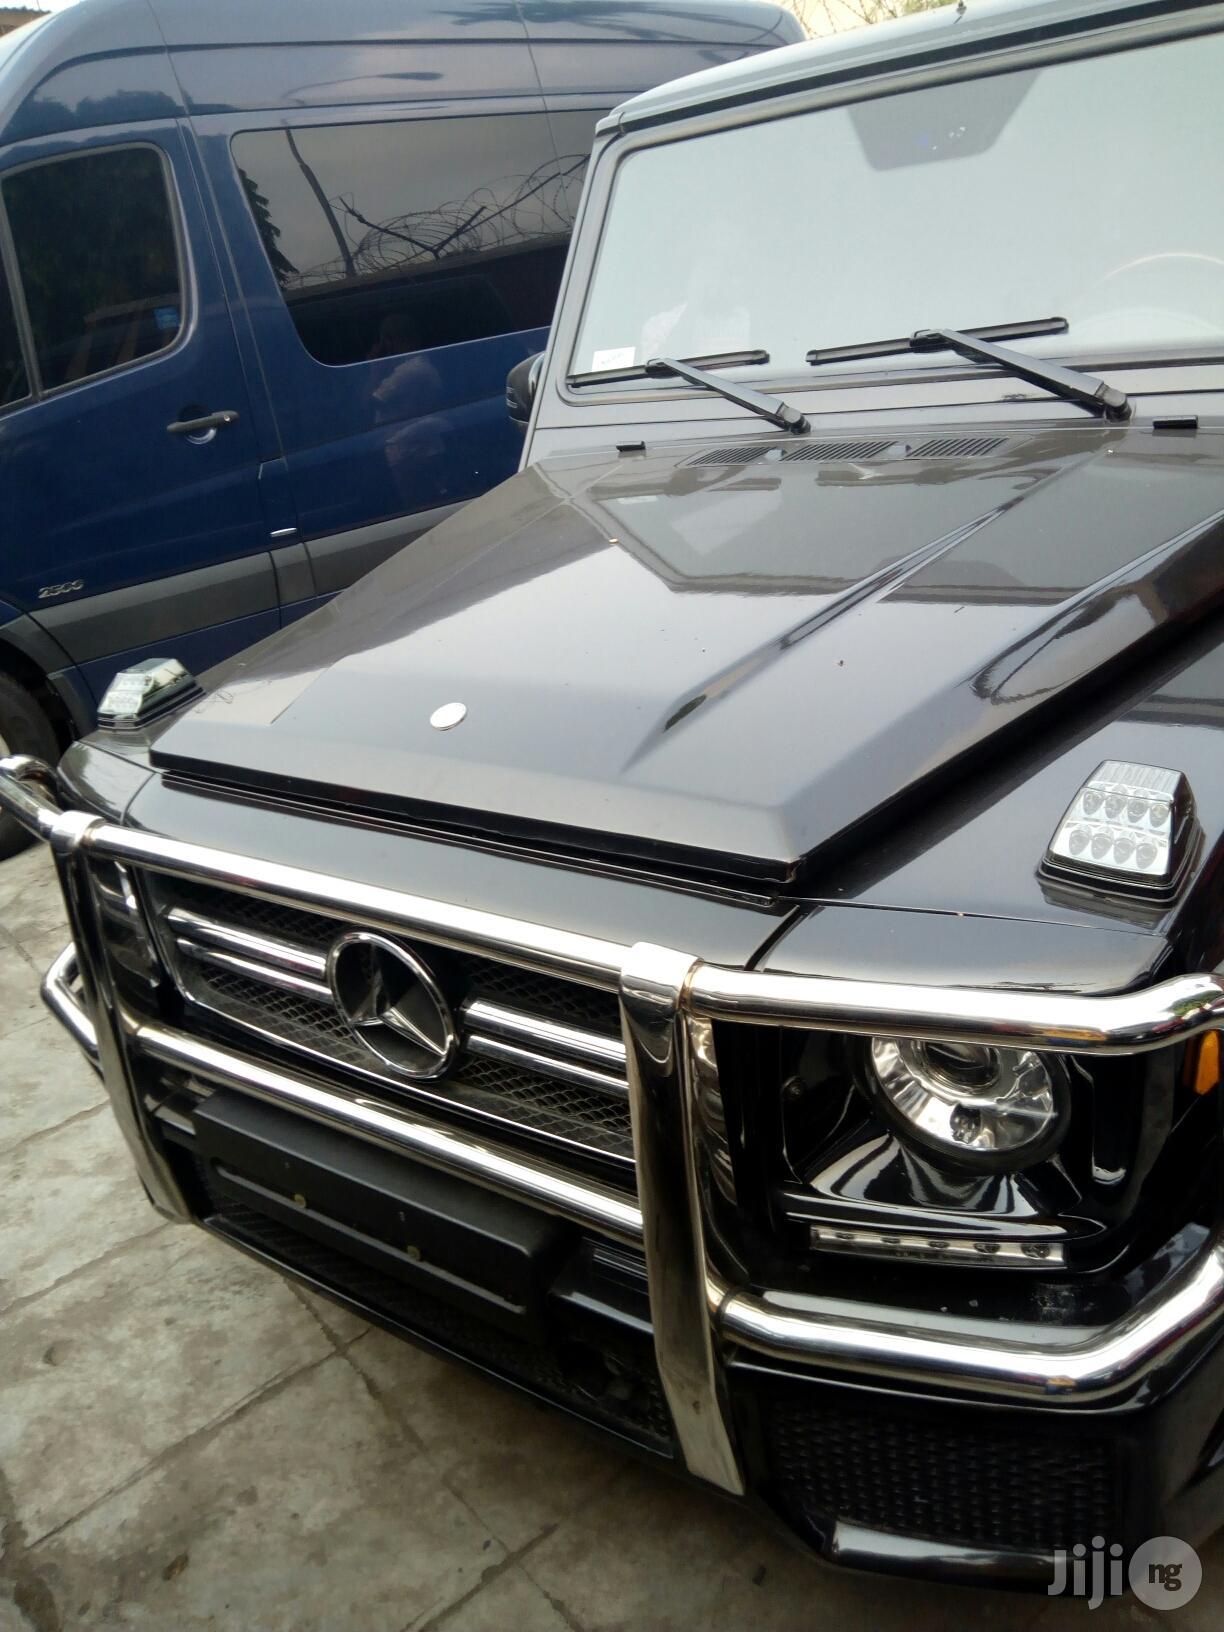 Mercedes-Benz G-Class 2009 Black